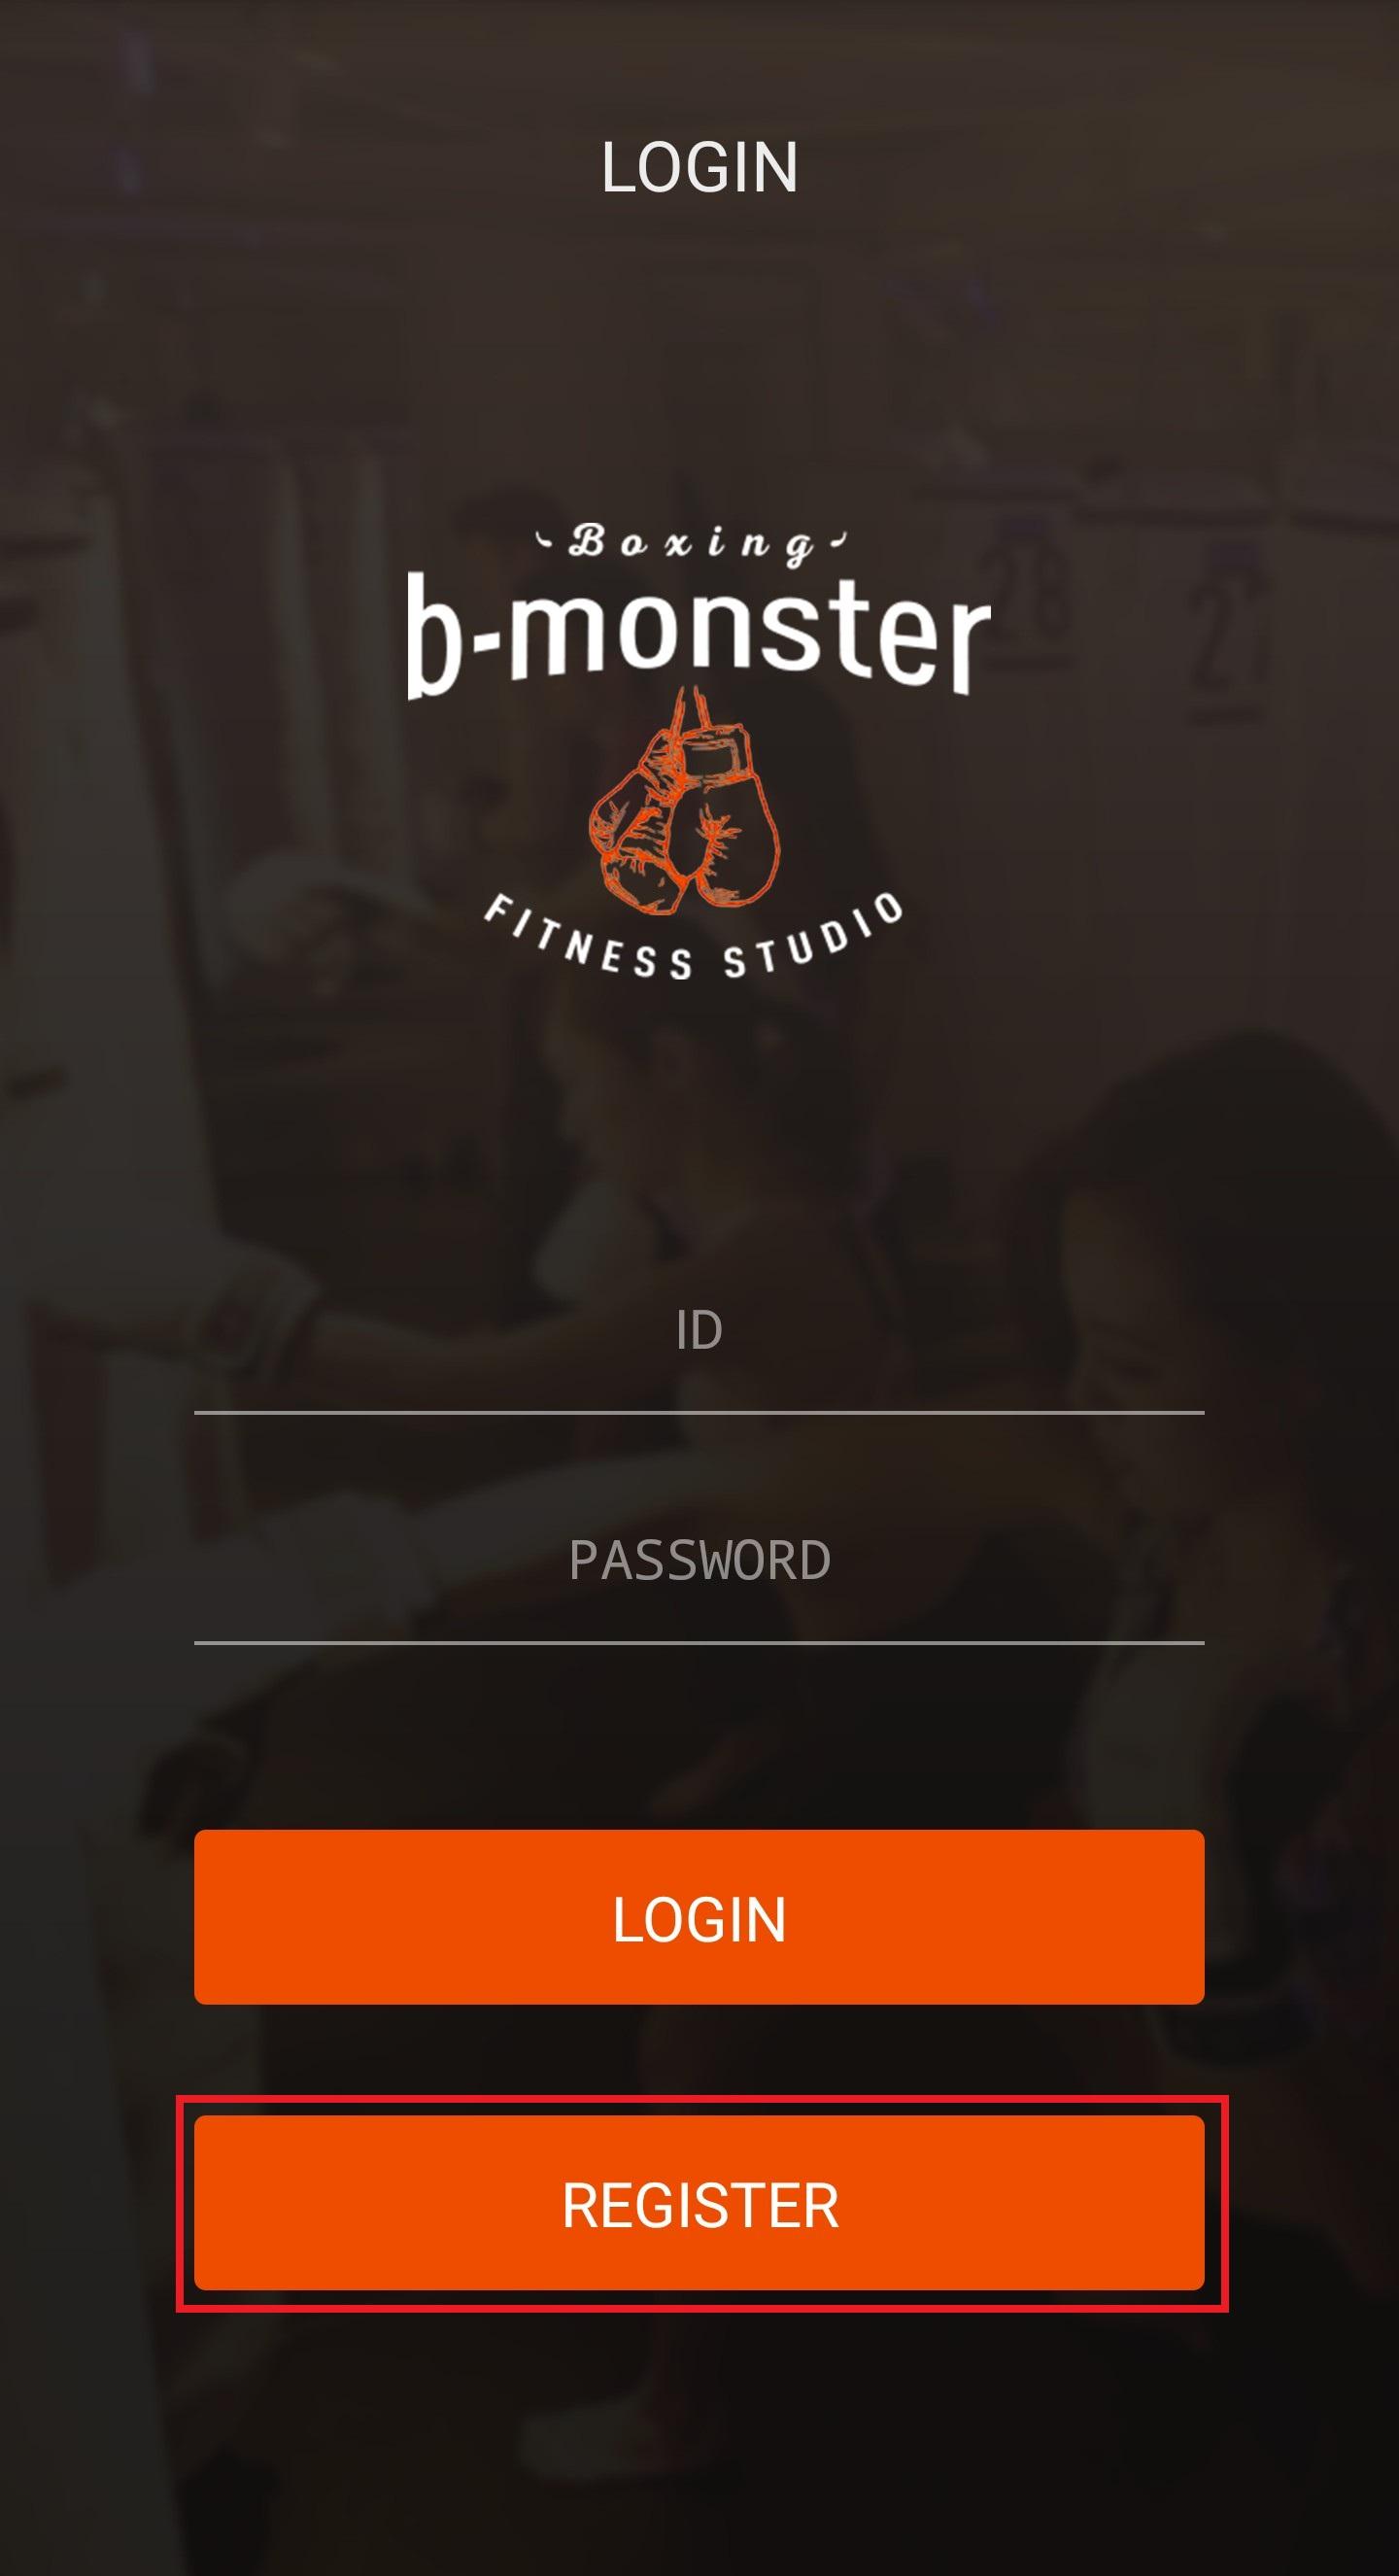 b-monster motivate